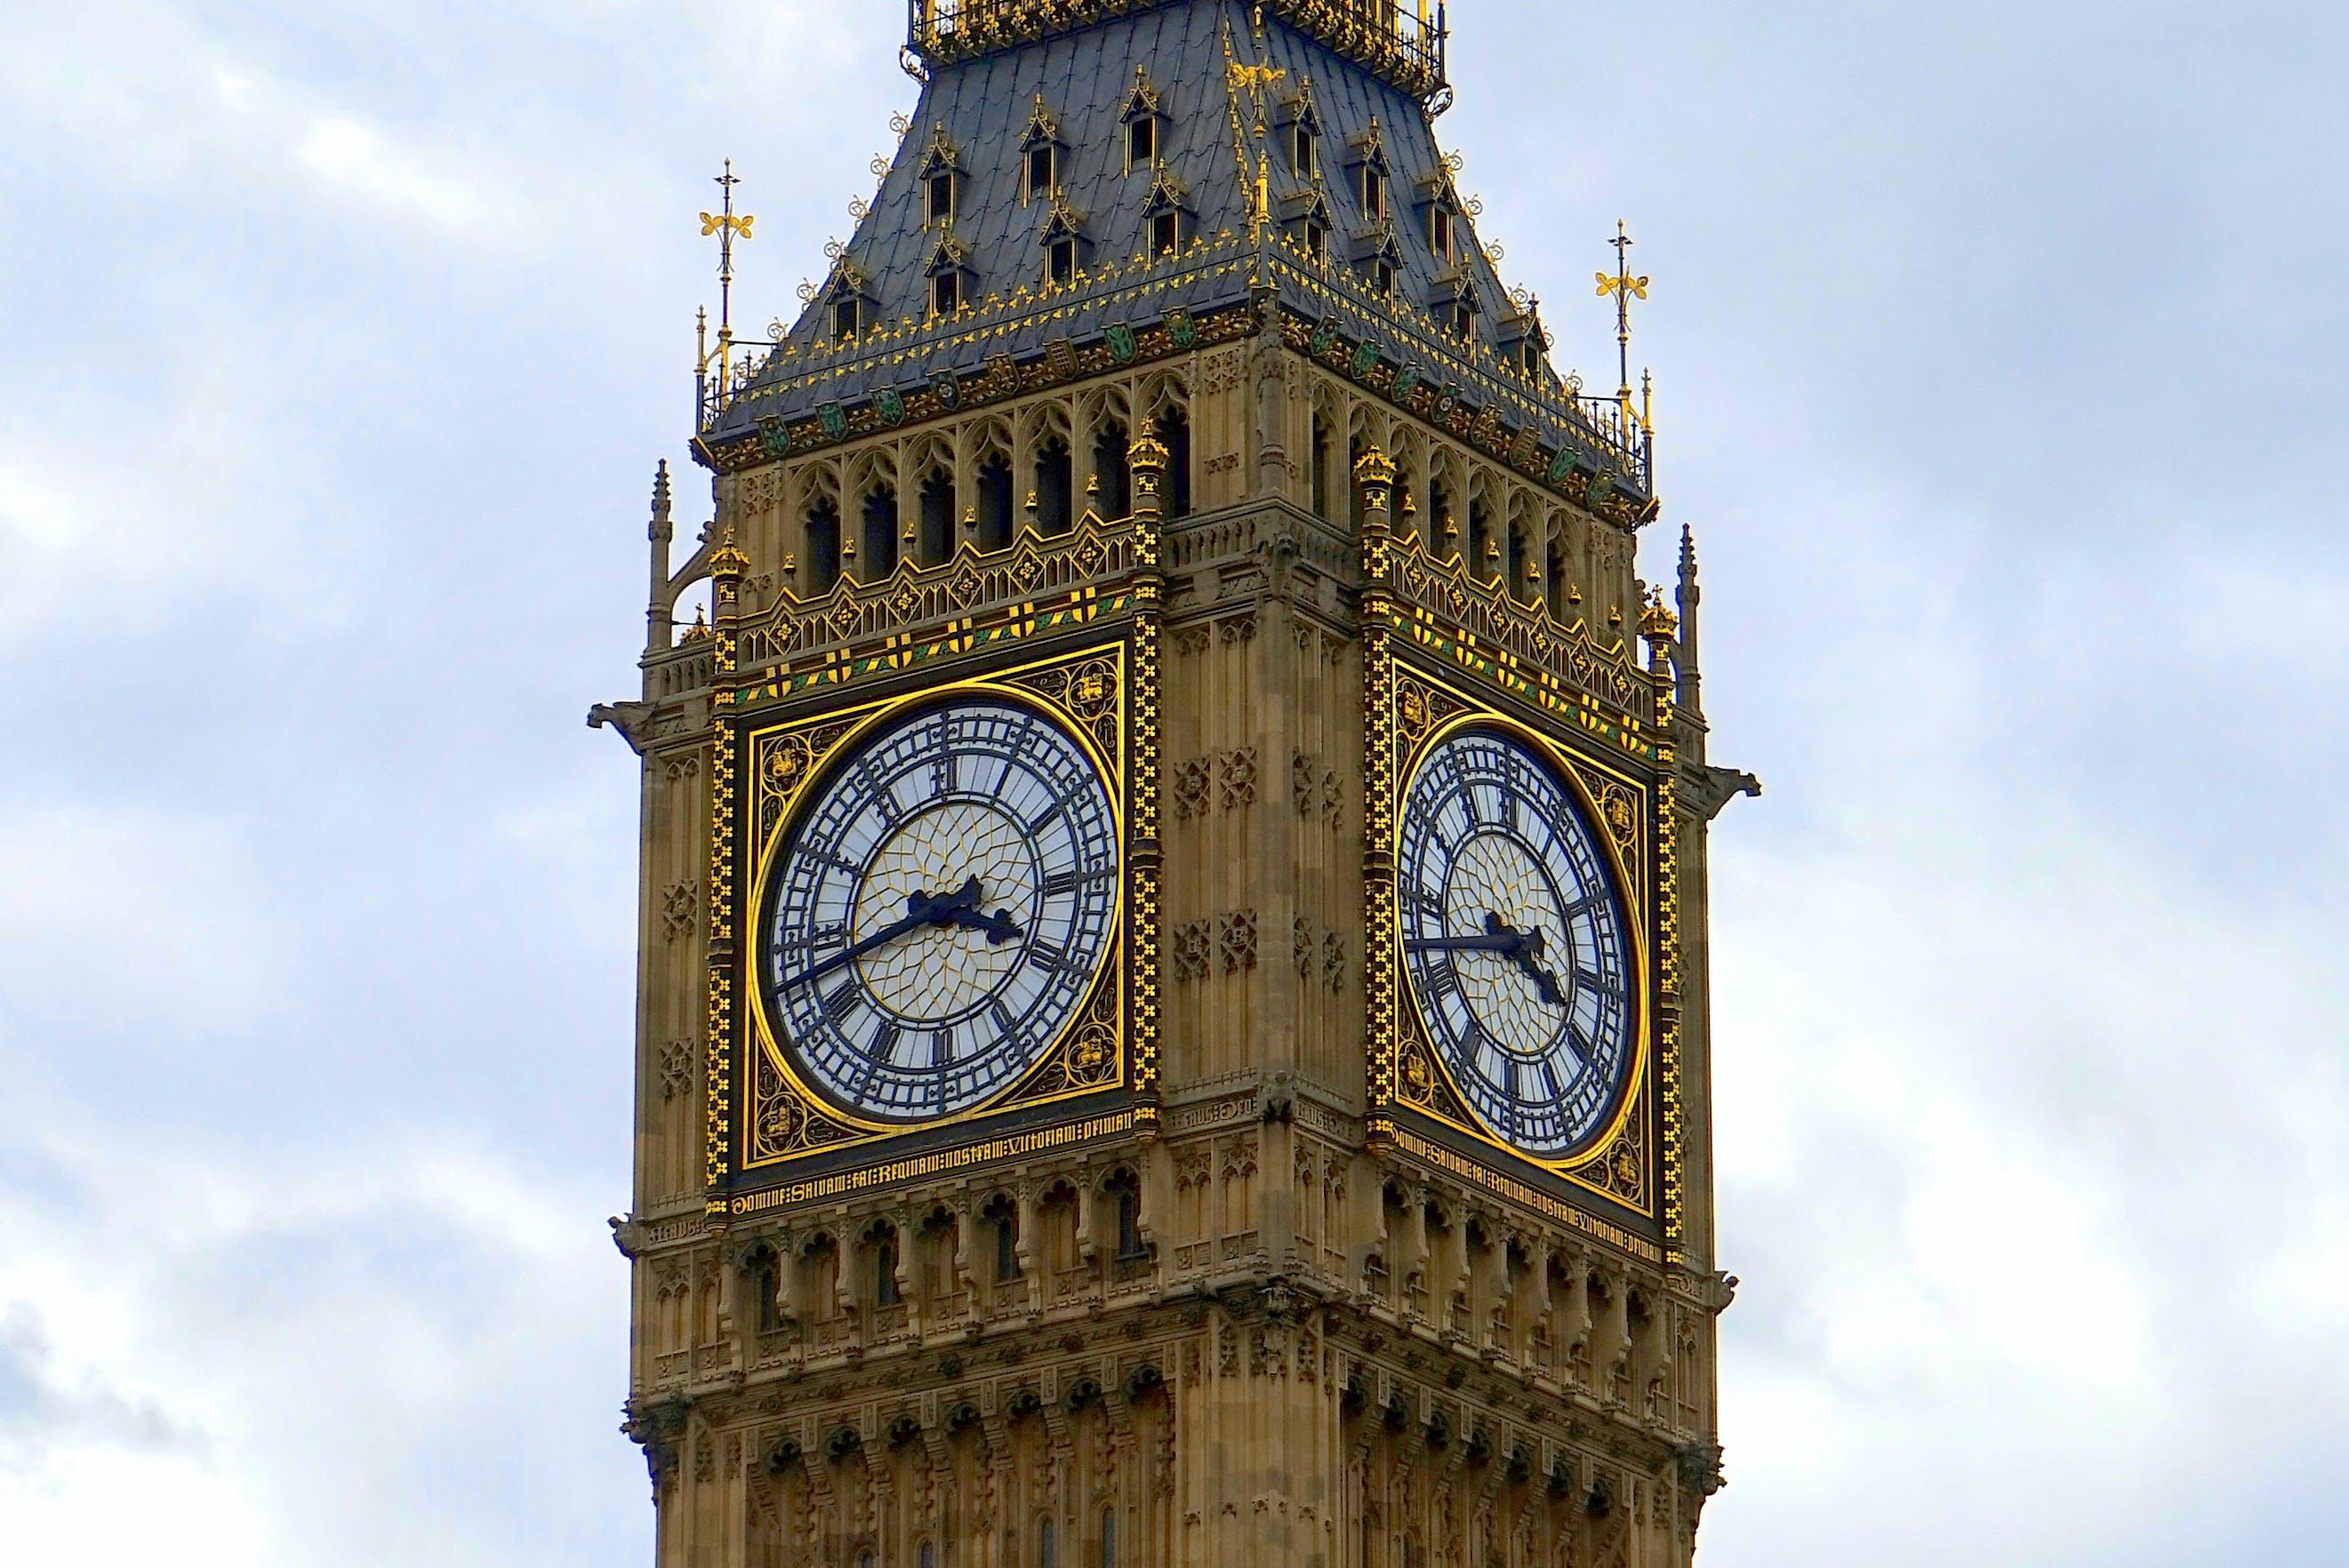 Δωρεάν στοκ φωτογραφιών με big ben, Αγγλία, αρχαίος, αρχιτεκτονική